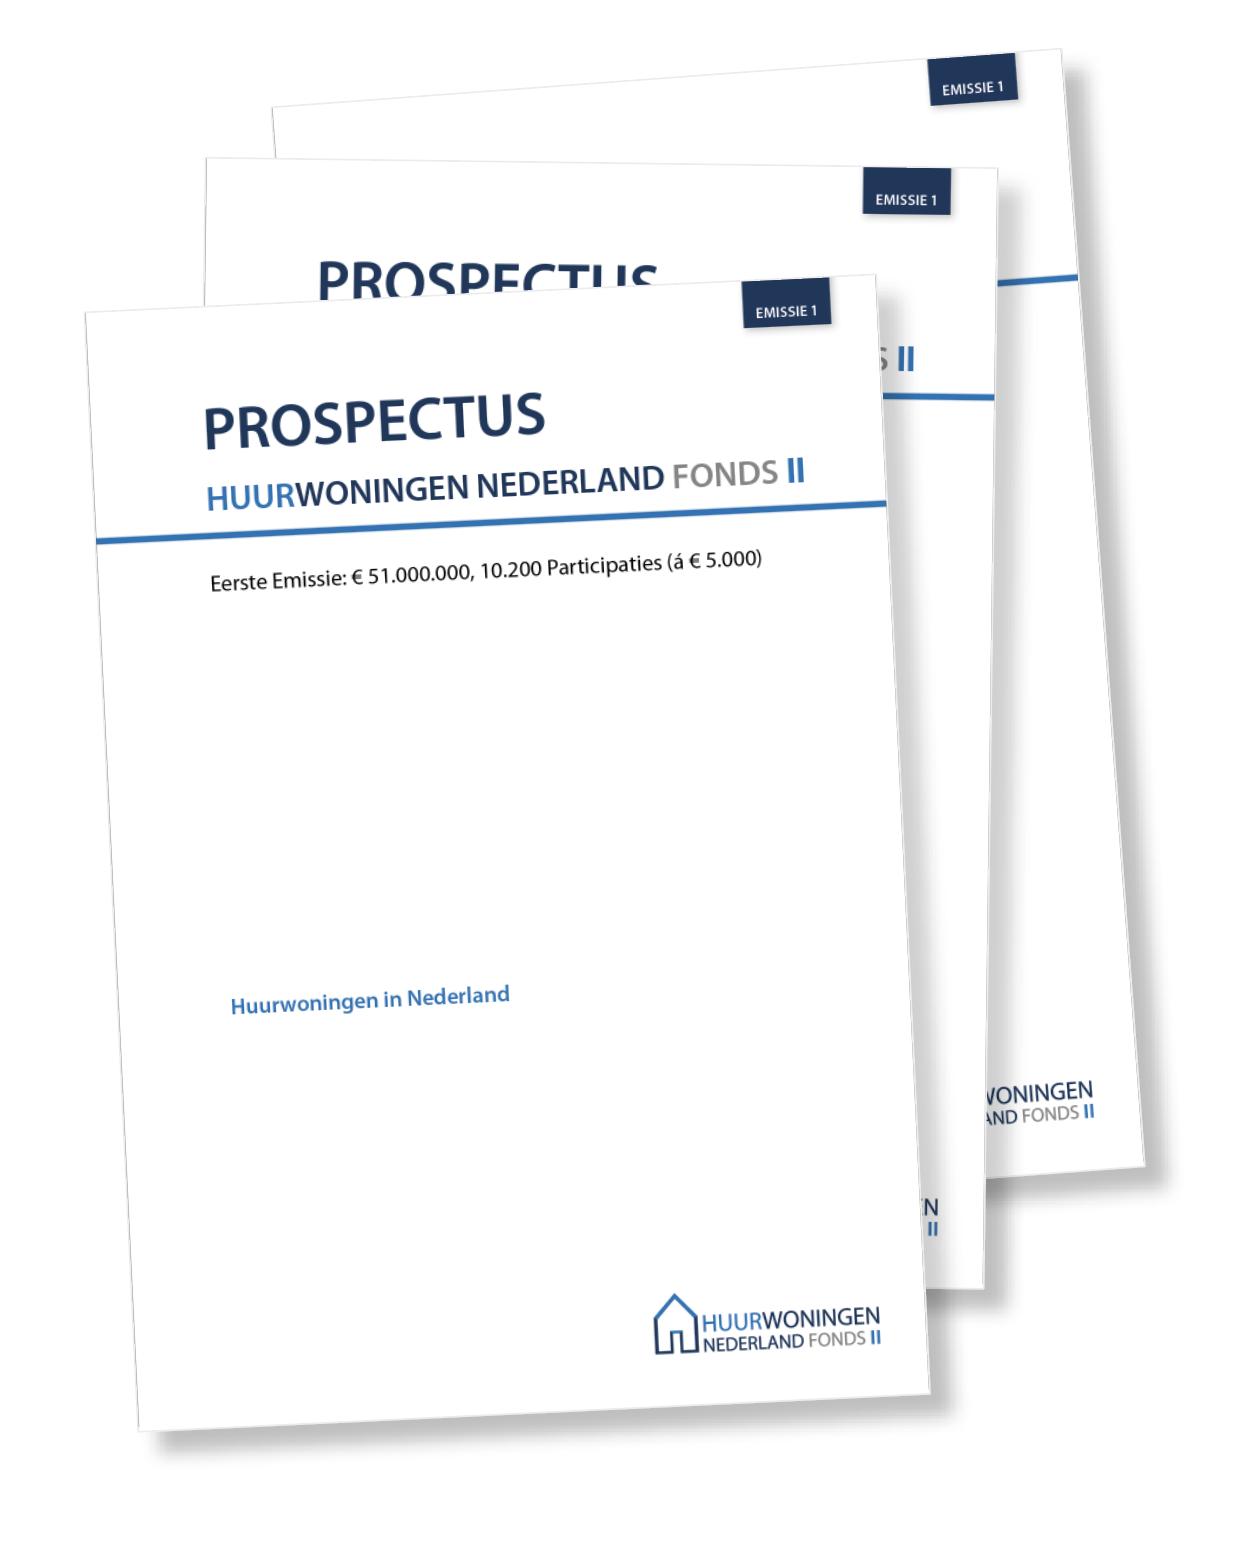 Huurwoningen Nederland Fonds 2 prospectus